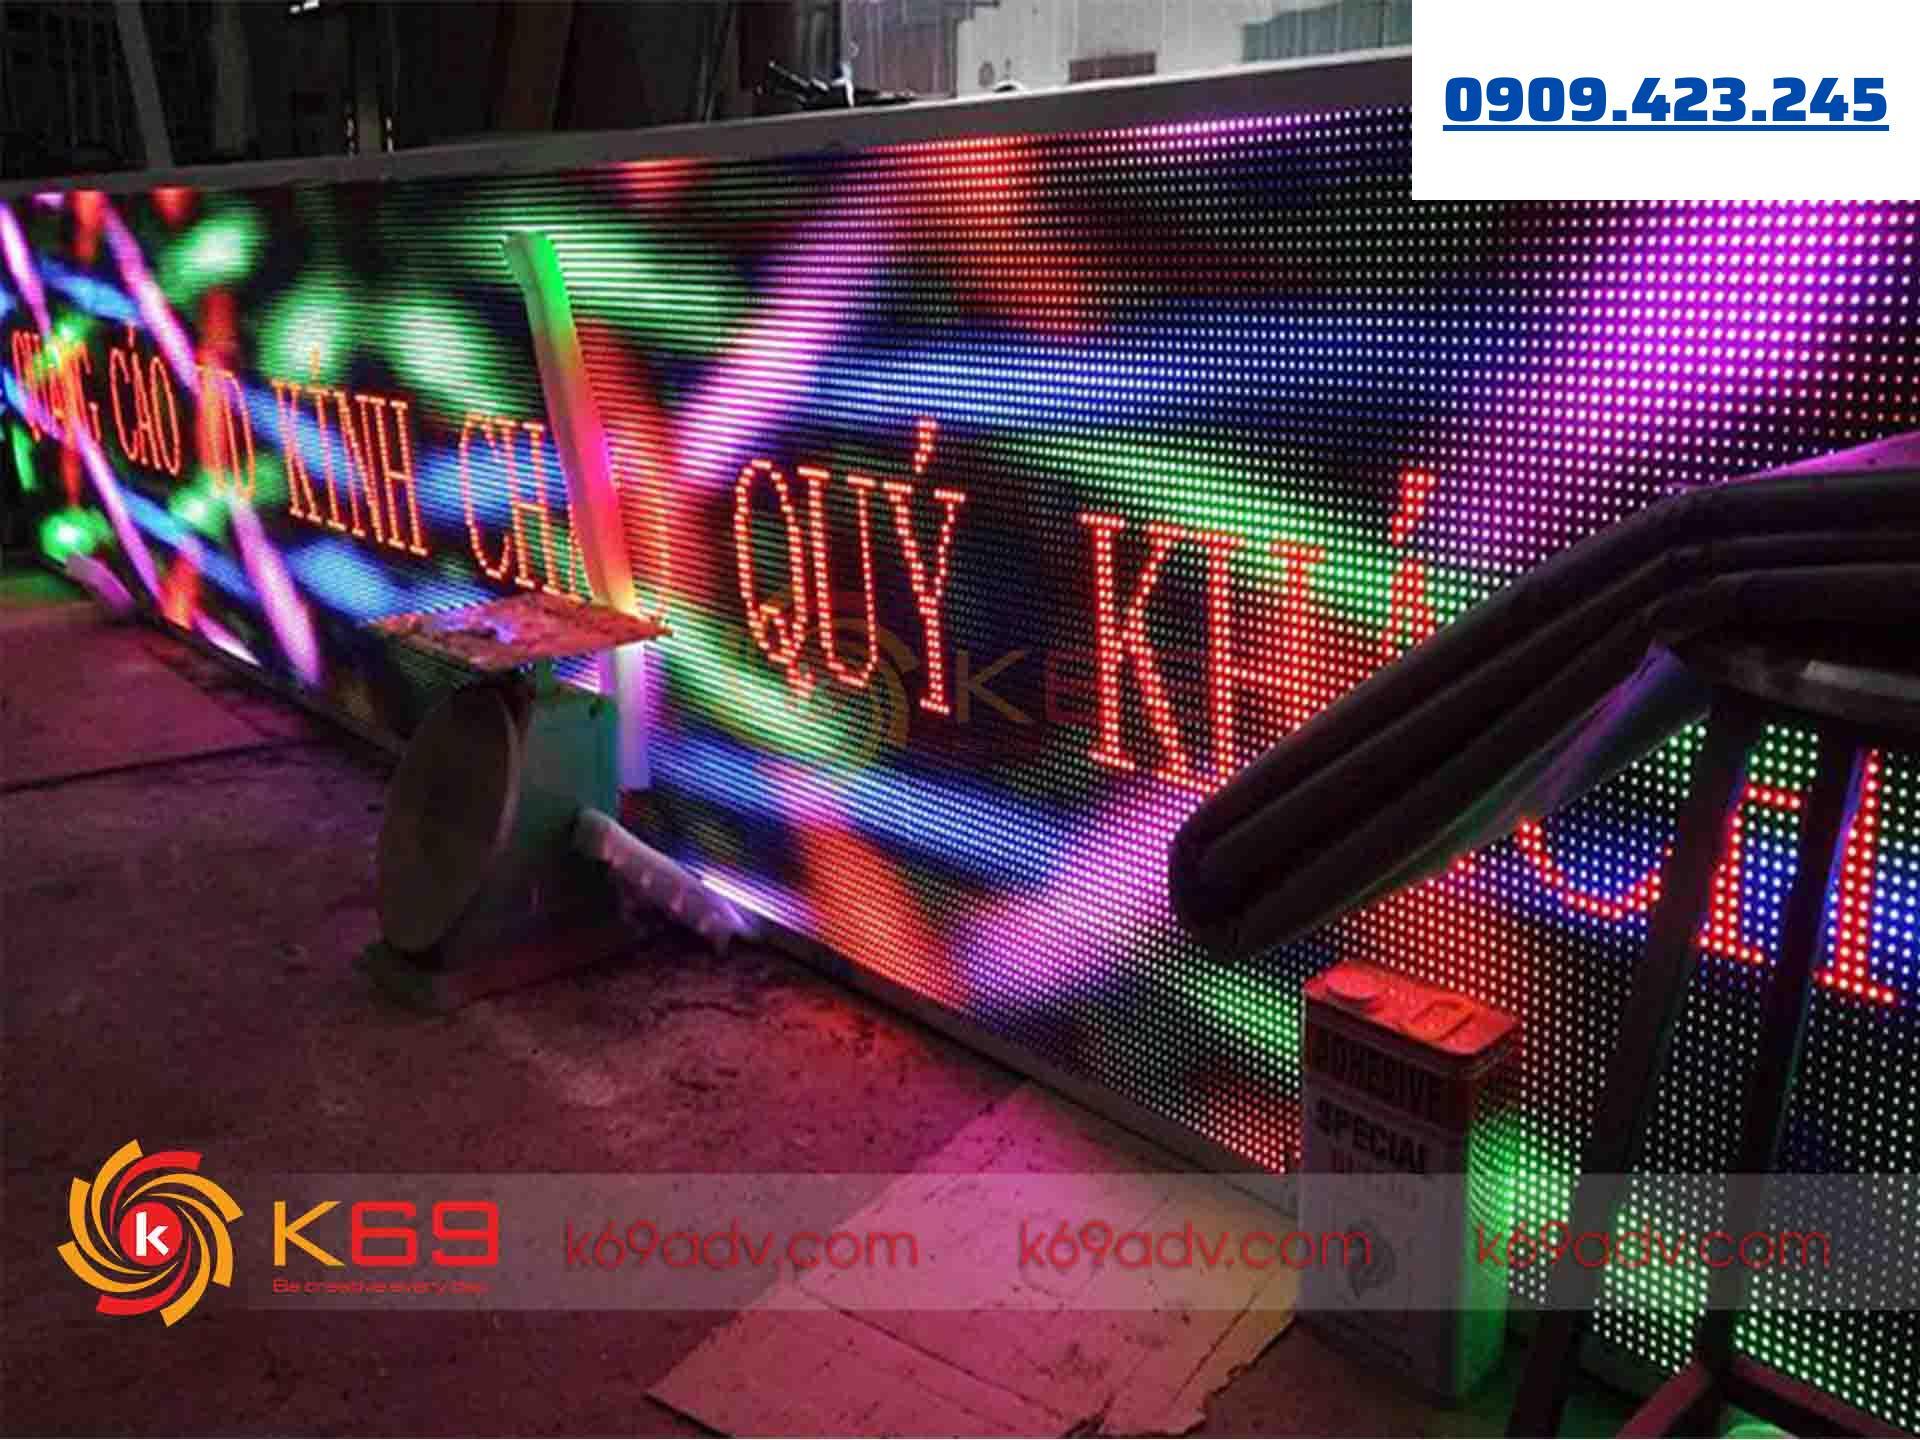 K69ADV chuyên làm bảng hiệu led ma trận uy tín - chất lượng cao